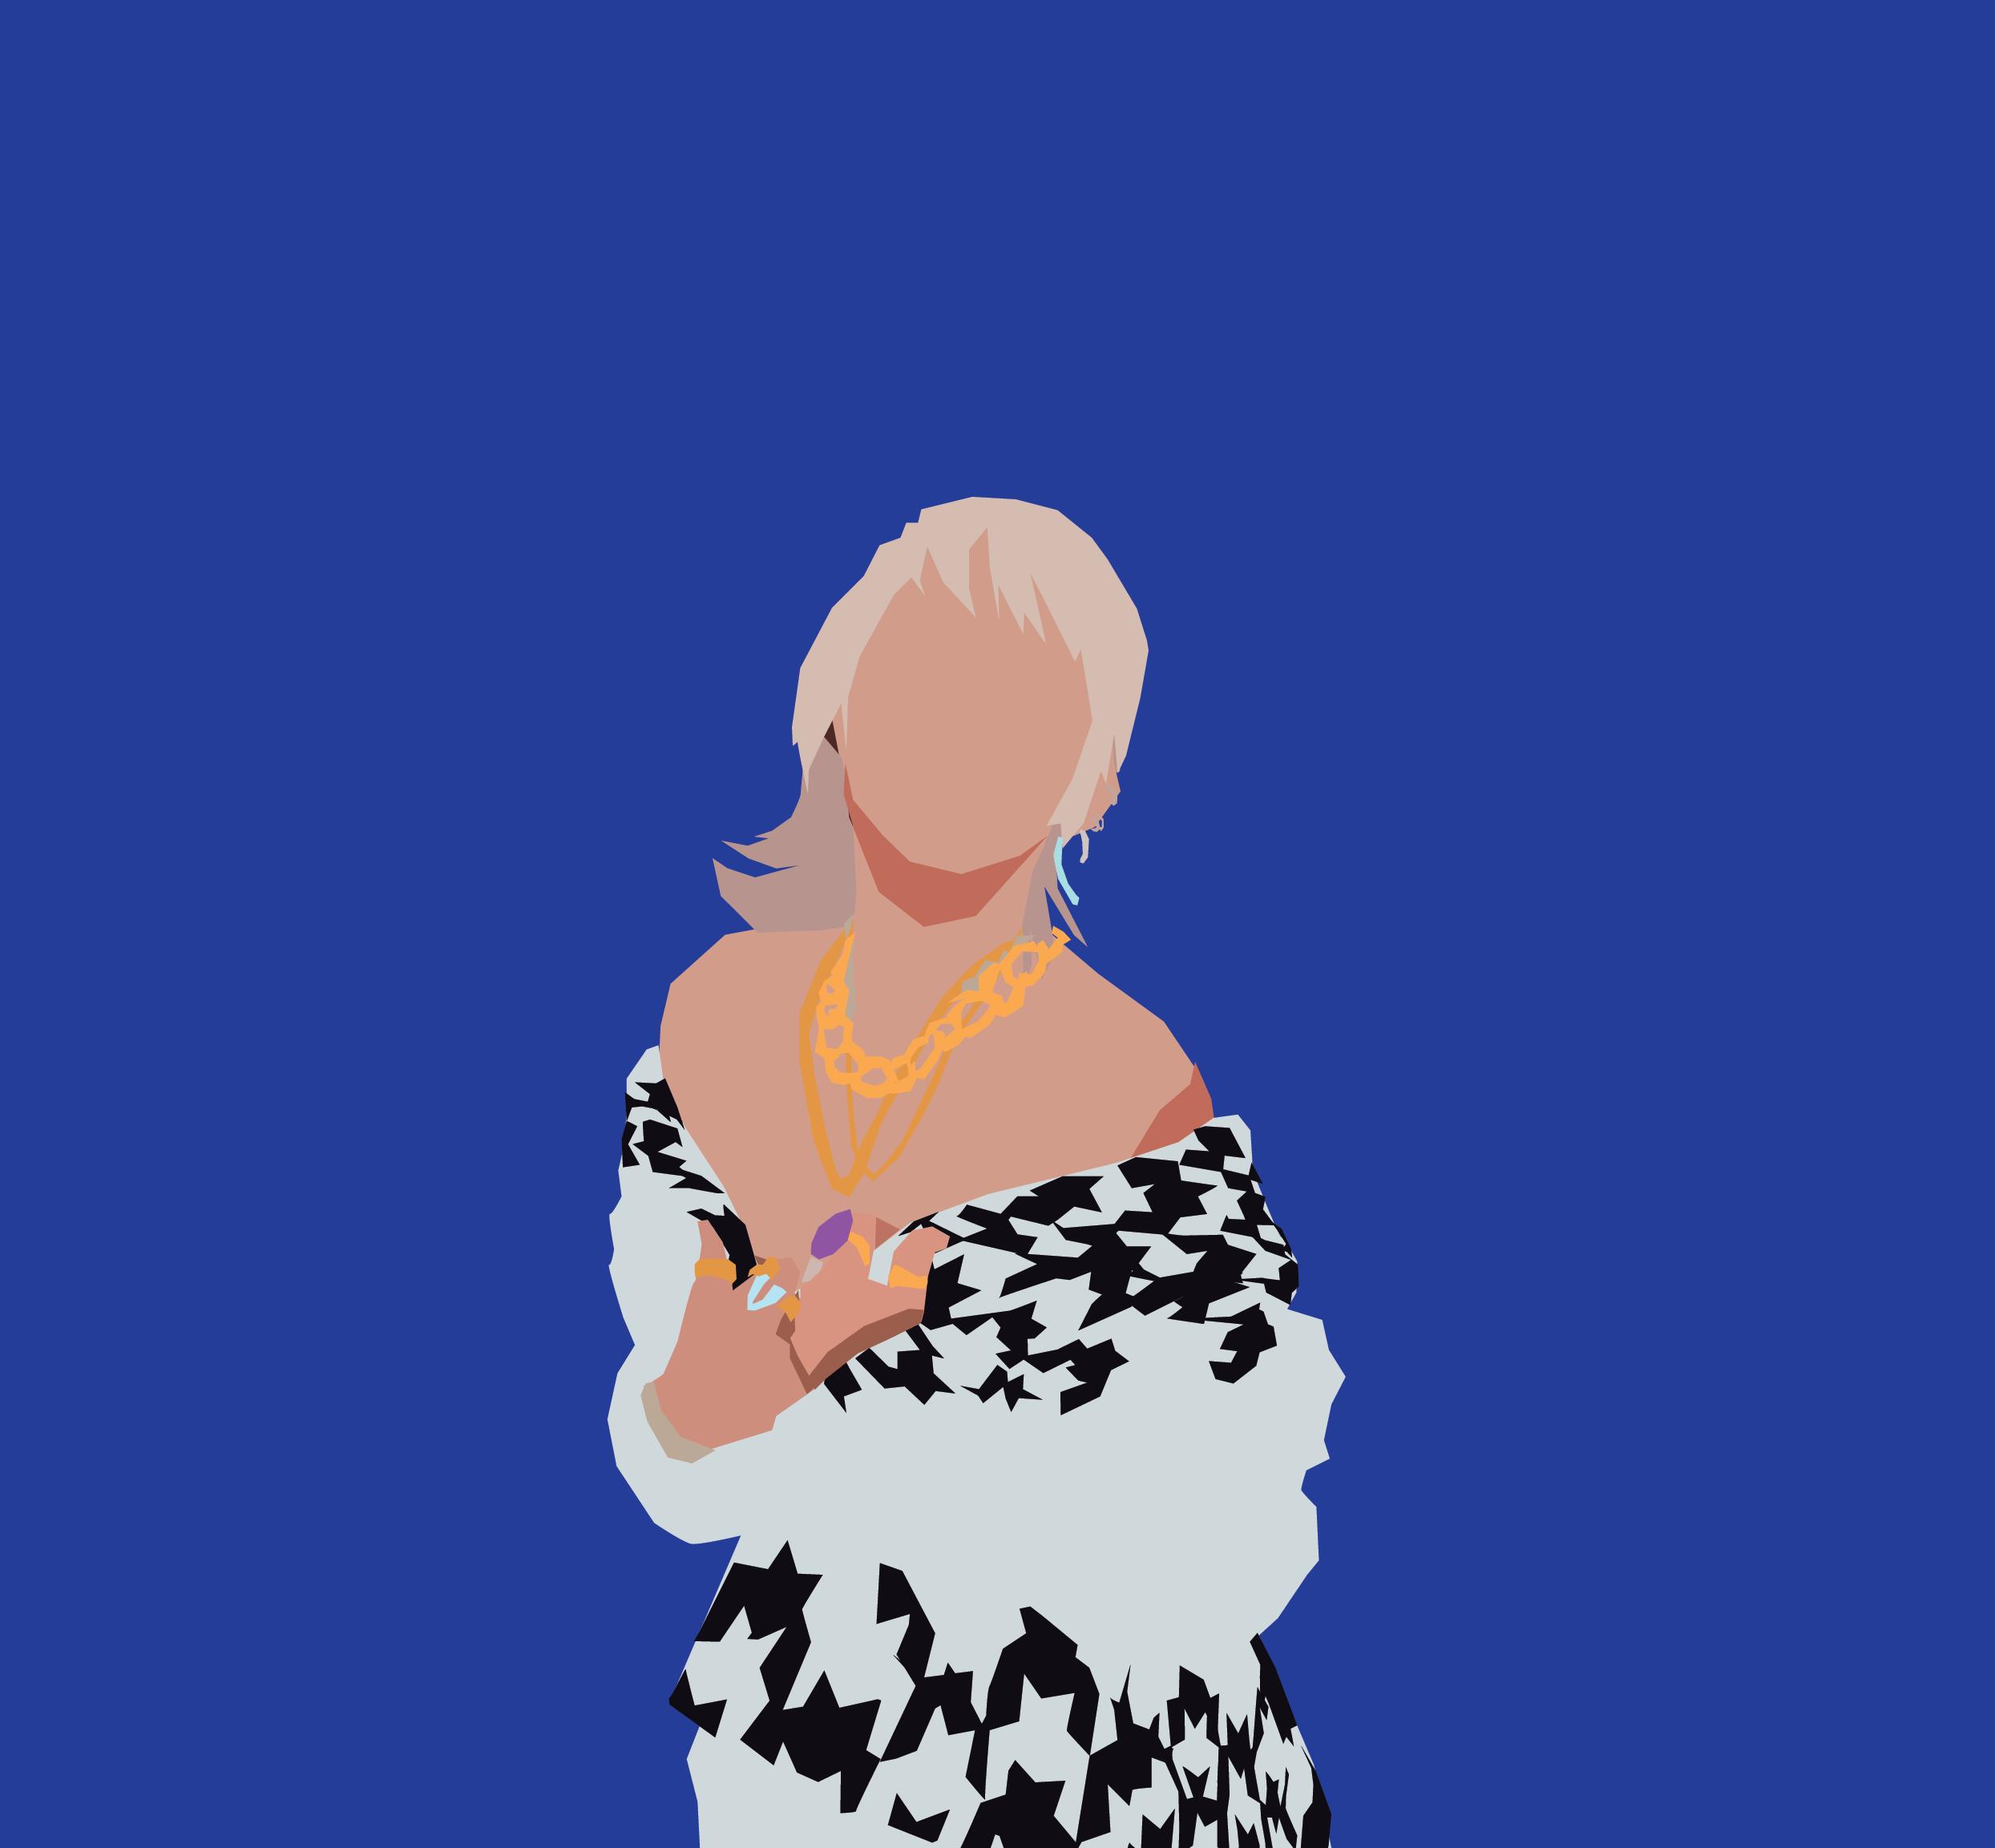 2020 VMA | Artist Spotlight Flipbook Miley Cyrus by Hamed Hazel (IG: @hamedhazel)